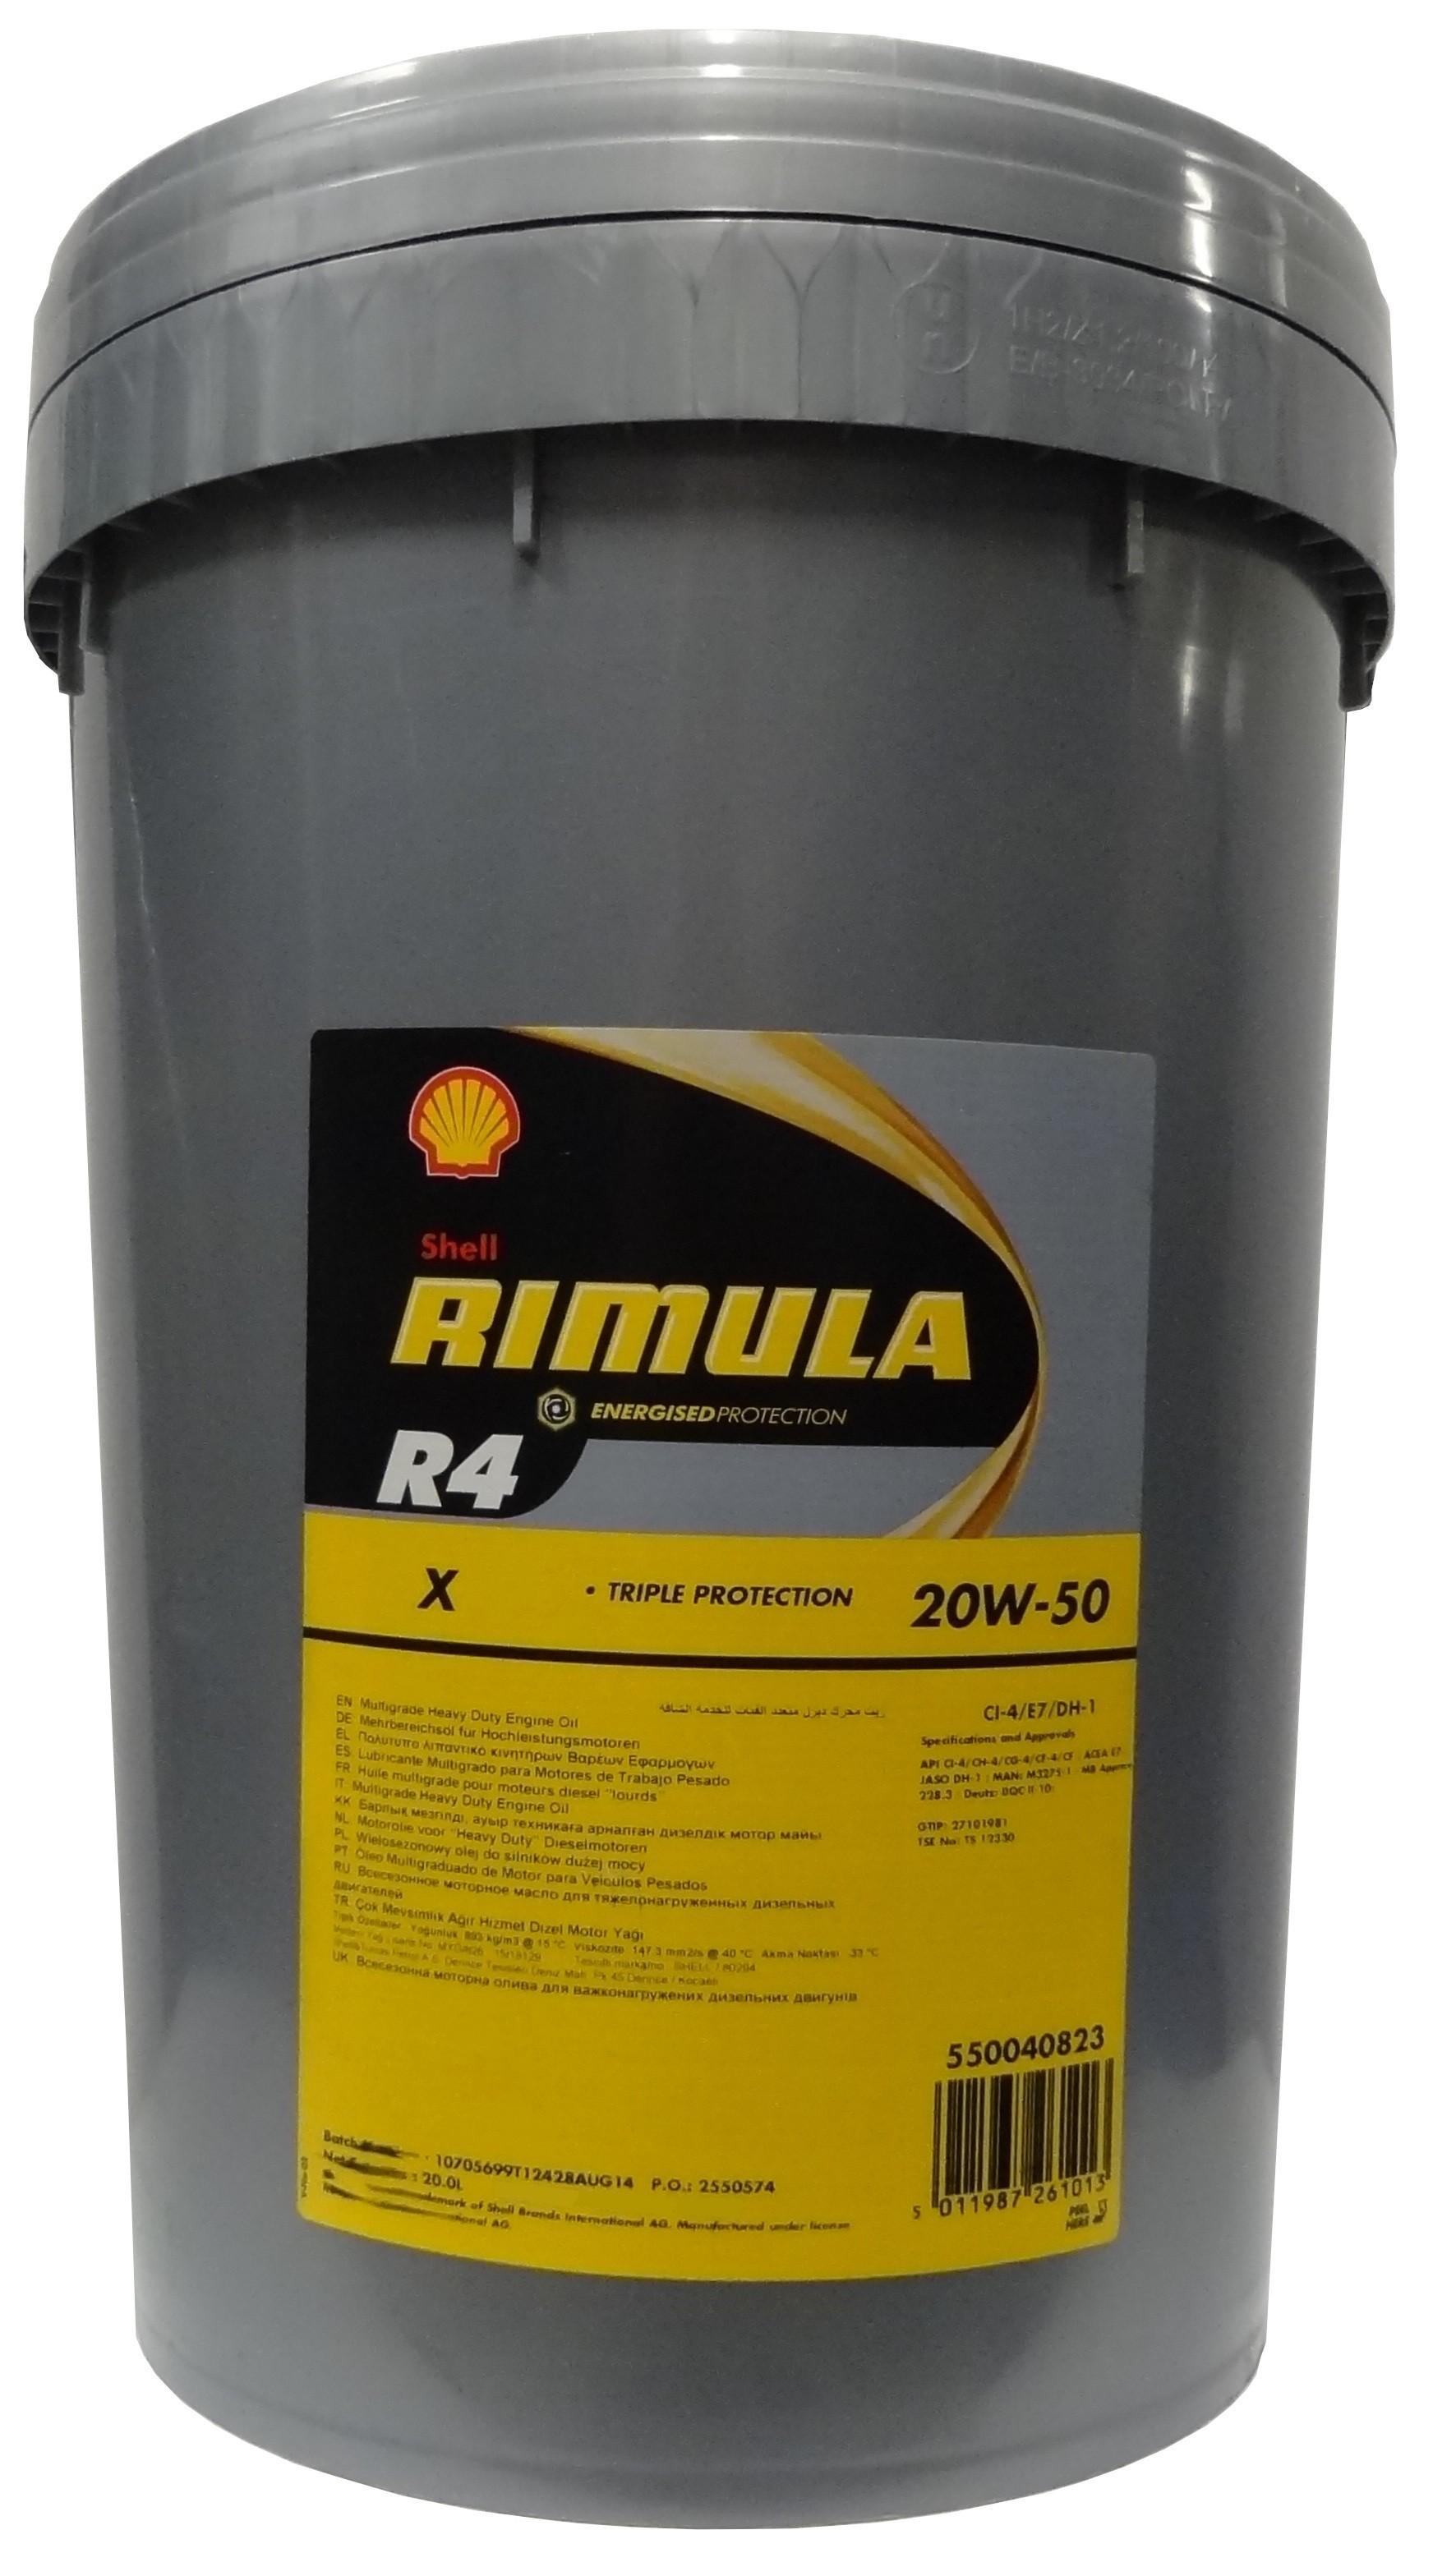 SHELL RIMULA R4 X 20W-50 20L